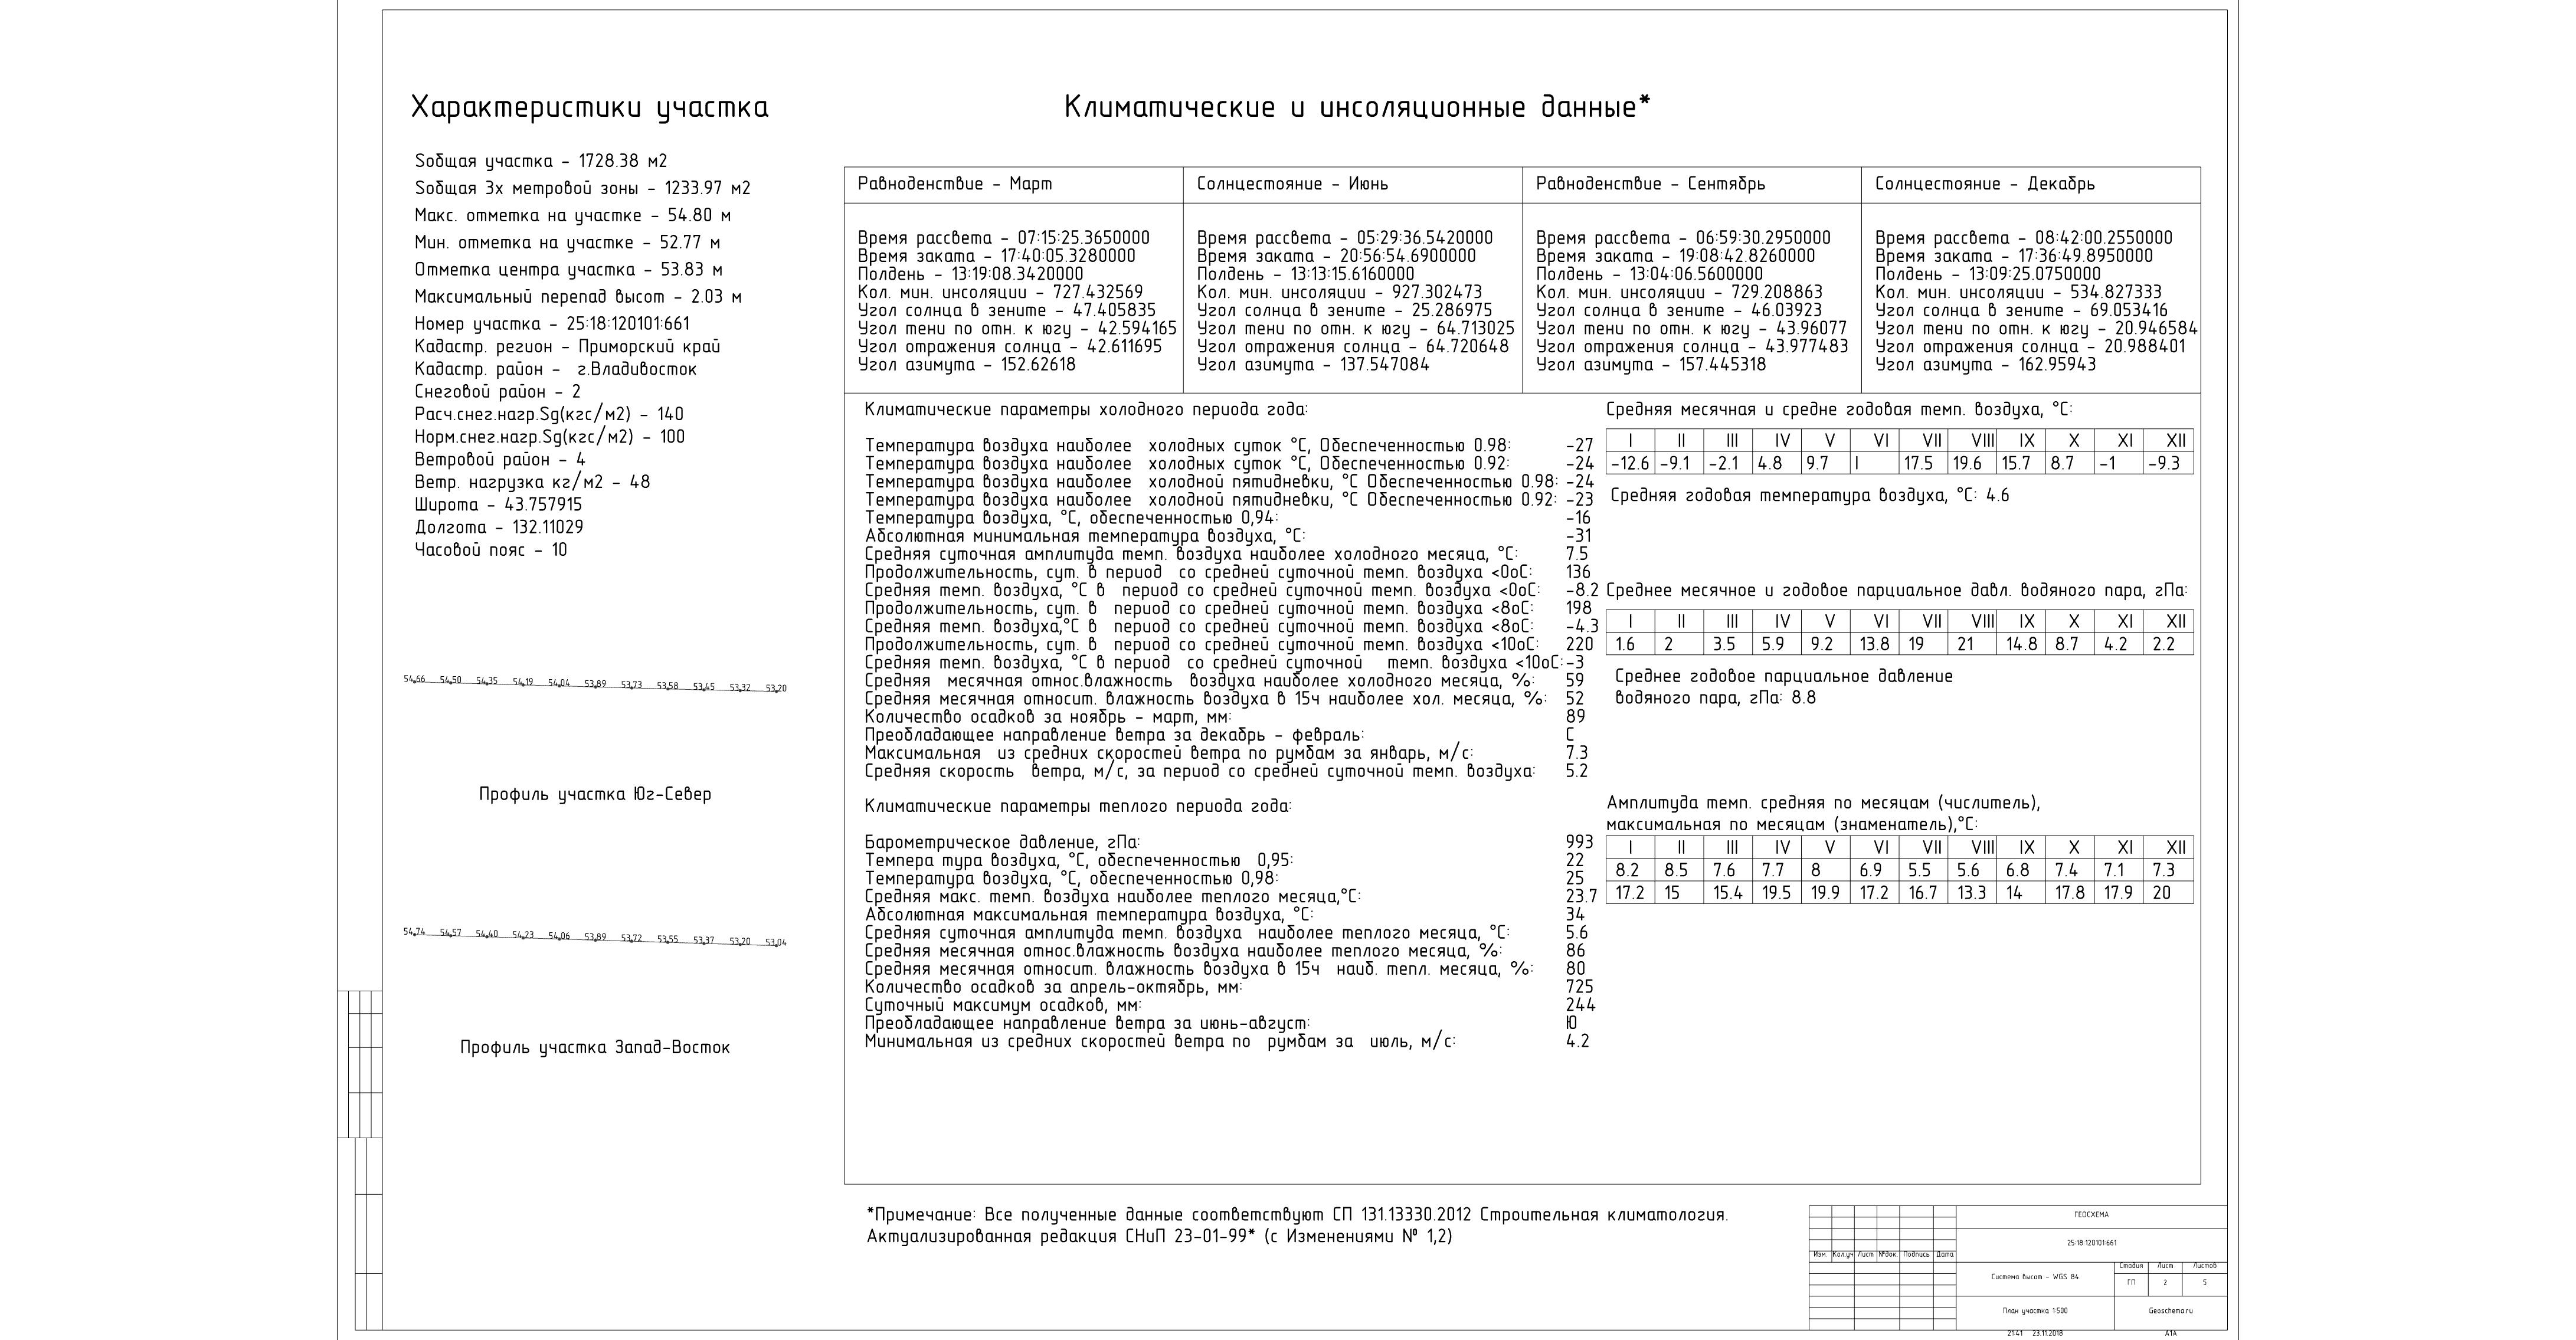 2 Общие данные.png